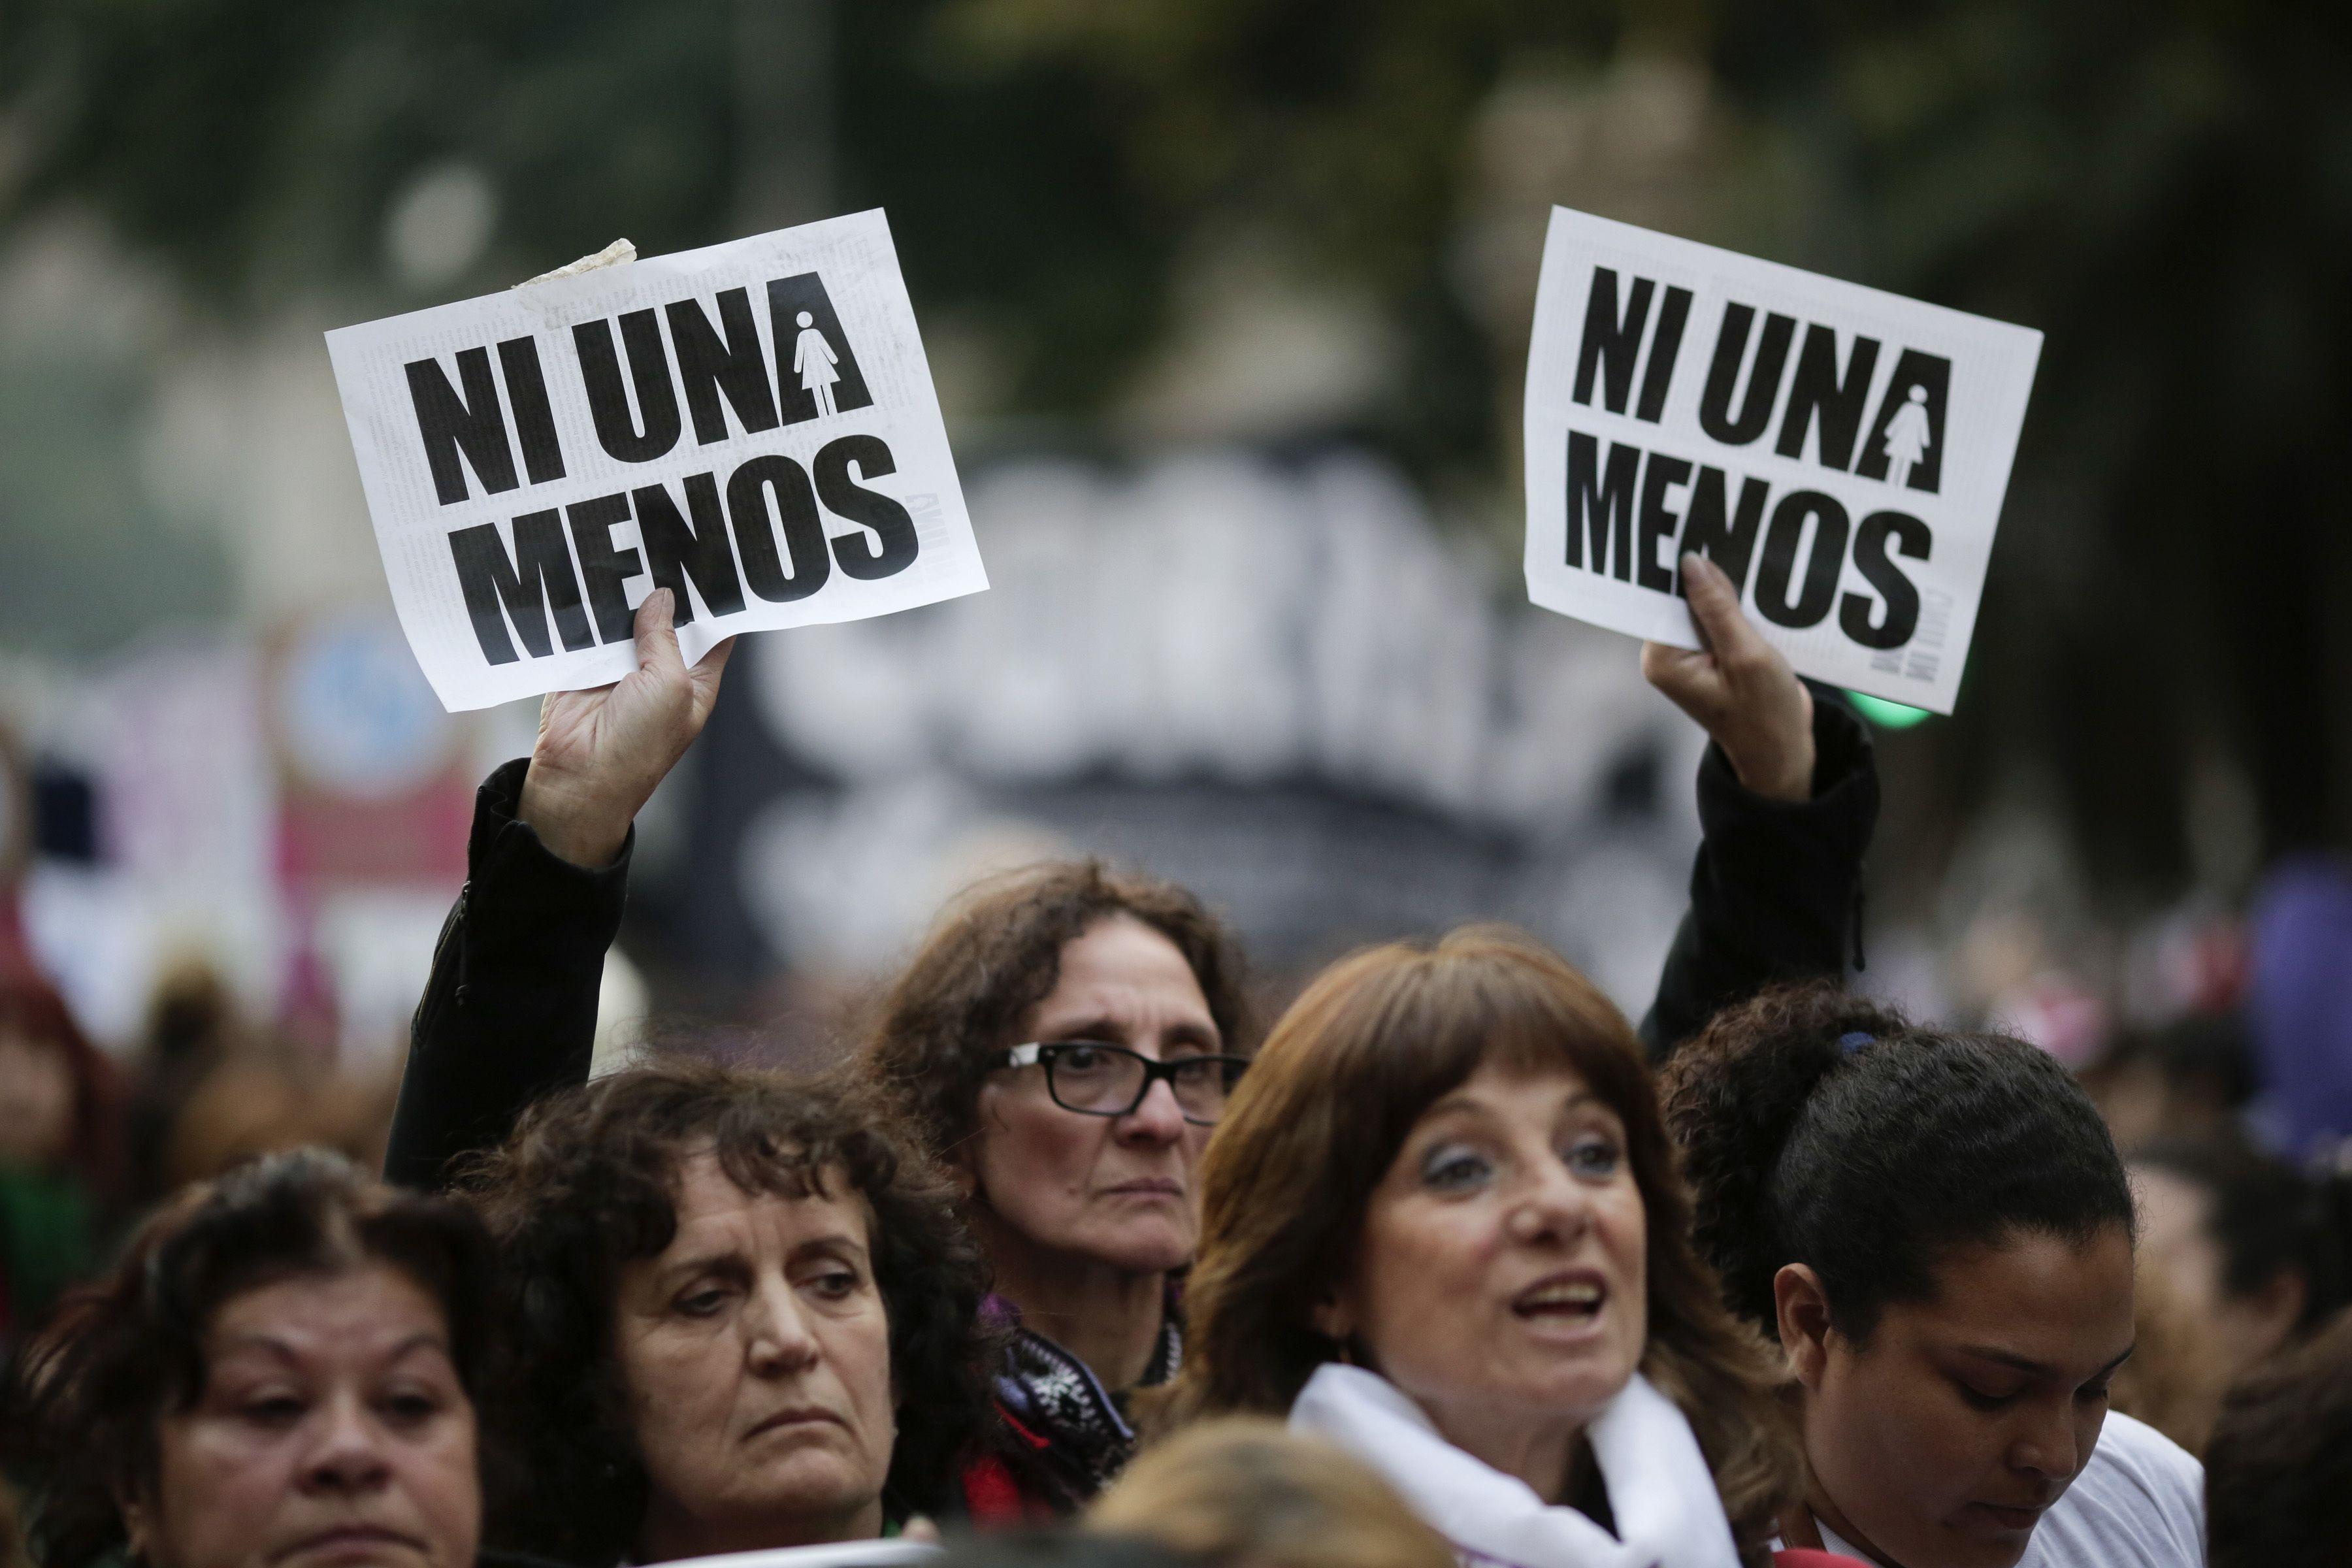 """Mujeres participan en una multitudinaria marcha bajo la consigna """"Ni una menos"""" a fin de reclamar medidas urgentes contra la violencia de género en Buenos Aires, Argentina, el viernes 3 de junio de 2016. (Foto AP / Victor R. Caivano)"""